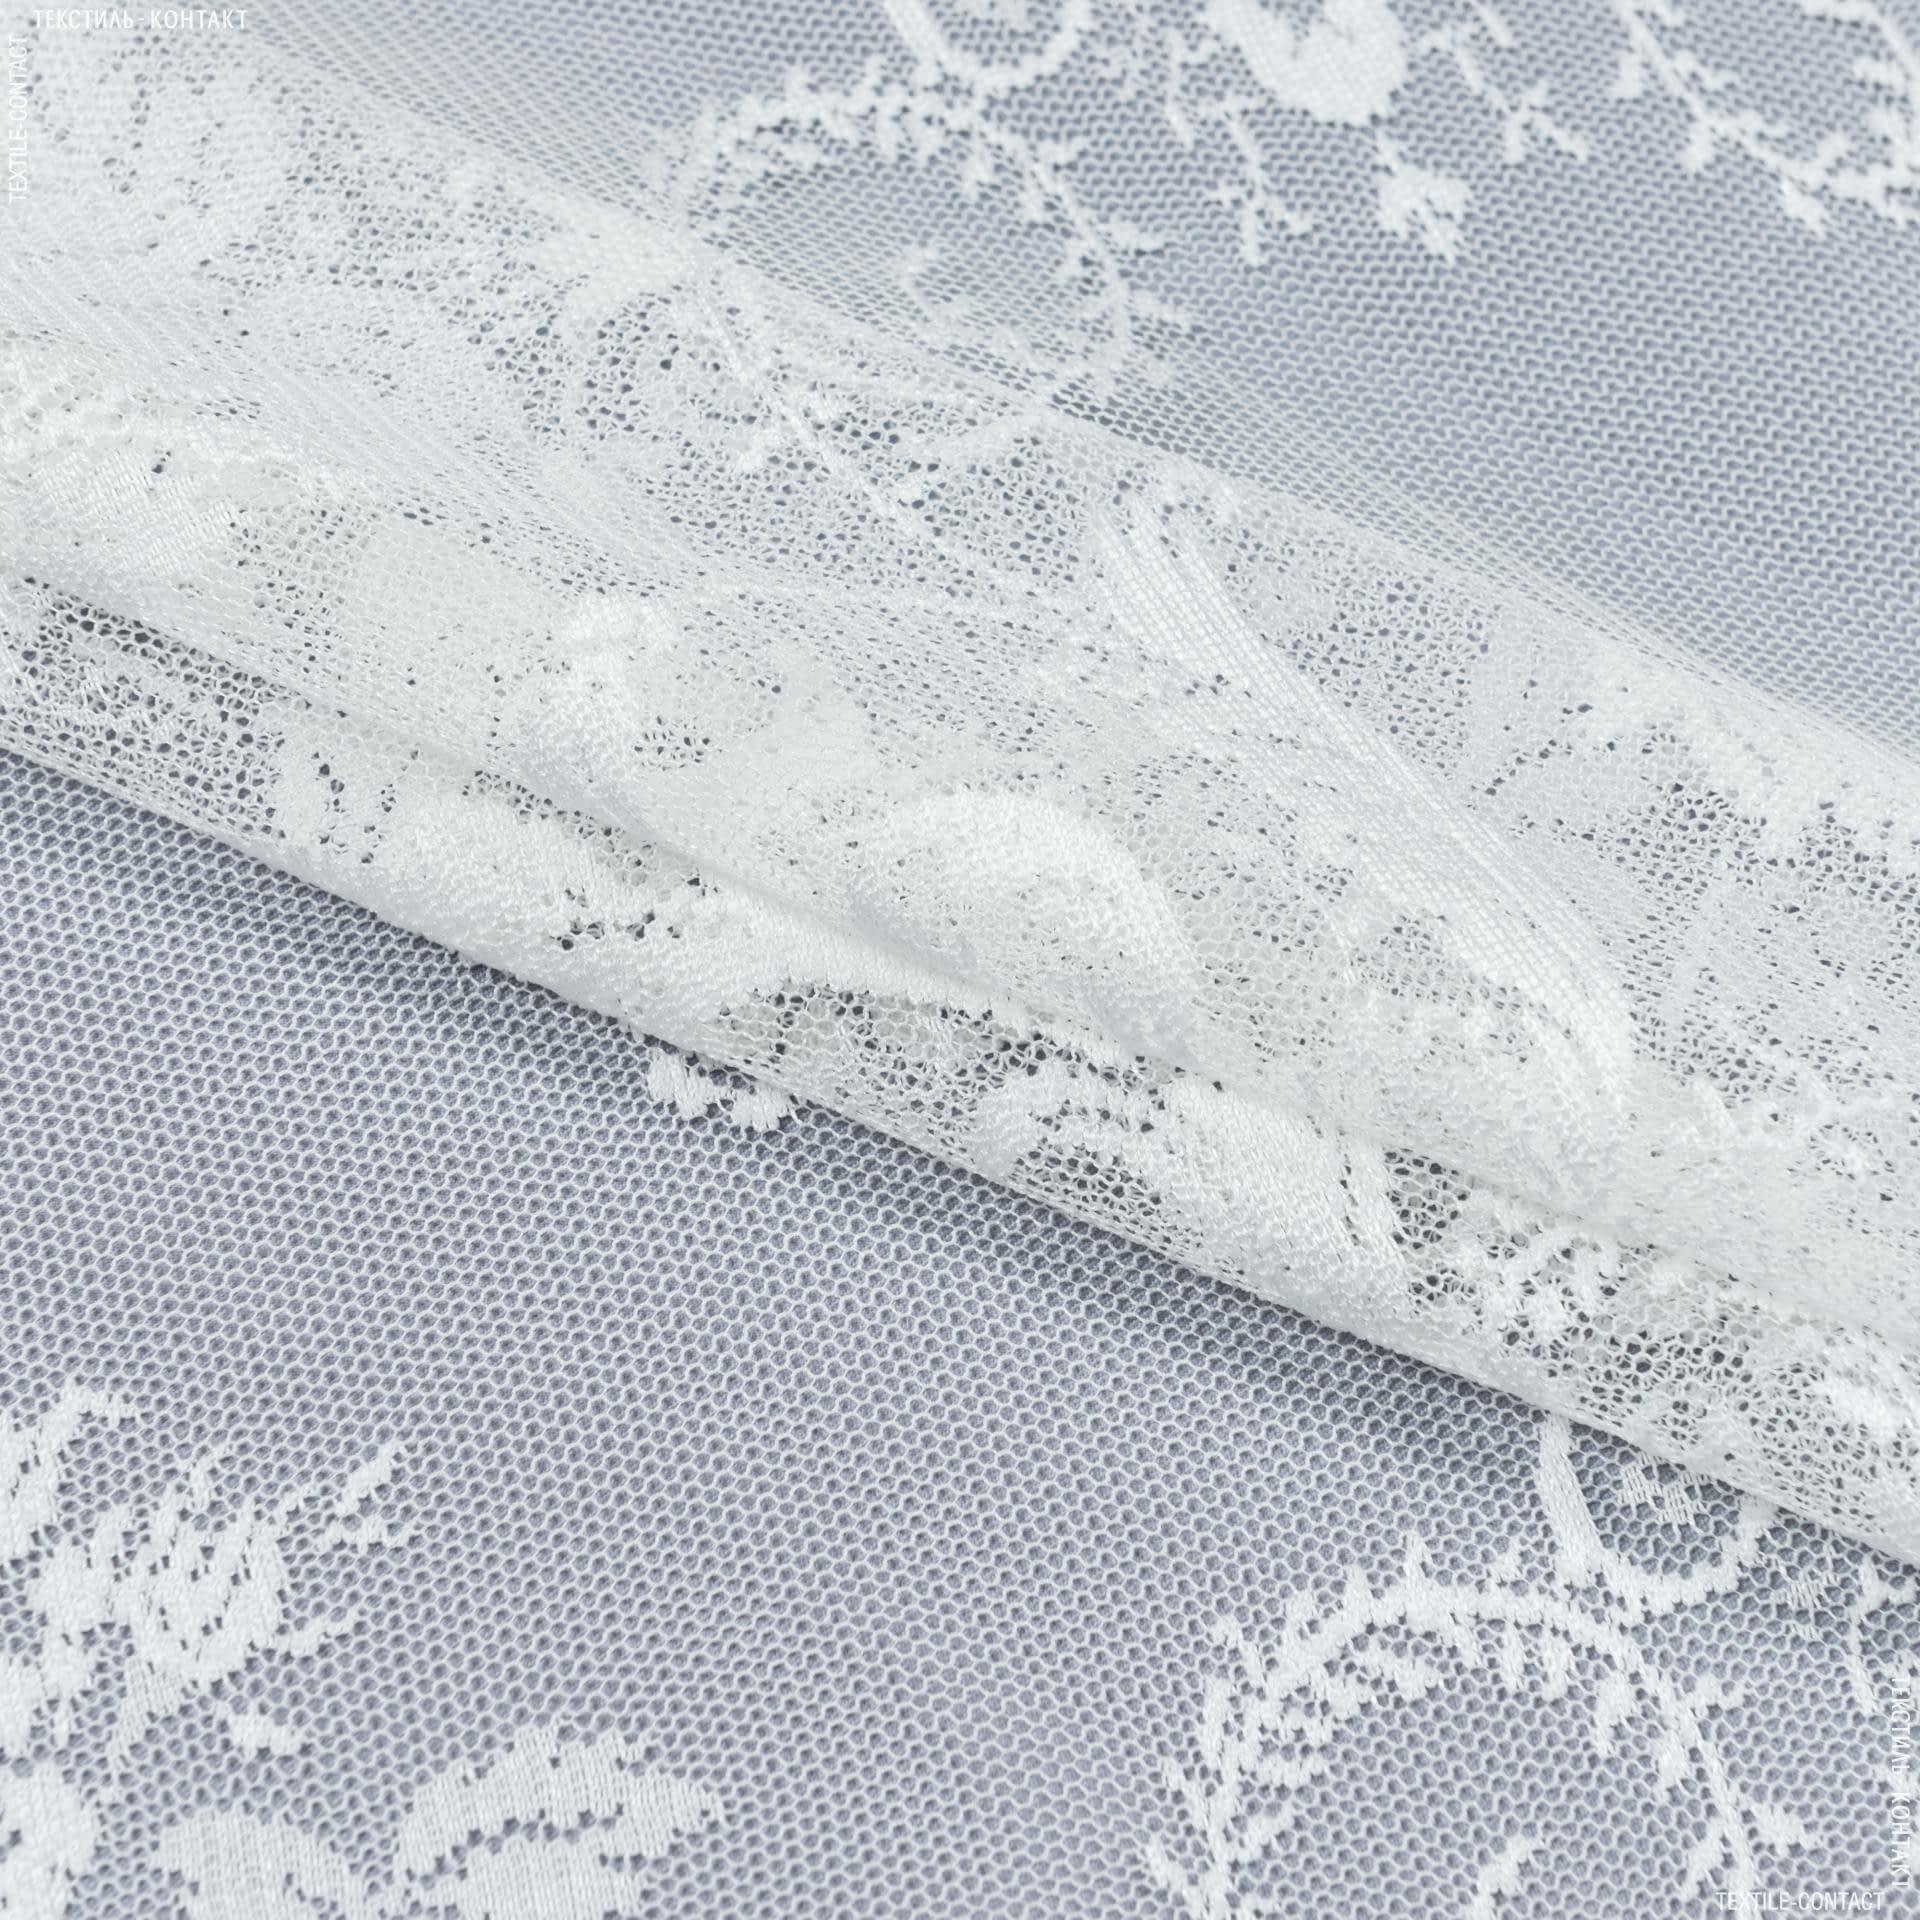 Ткани гардинные ткани - Гардинное полотно / гипюр эстера молочный